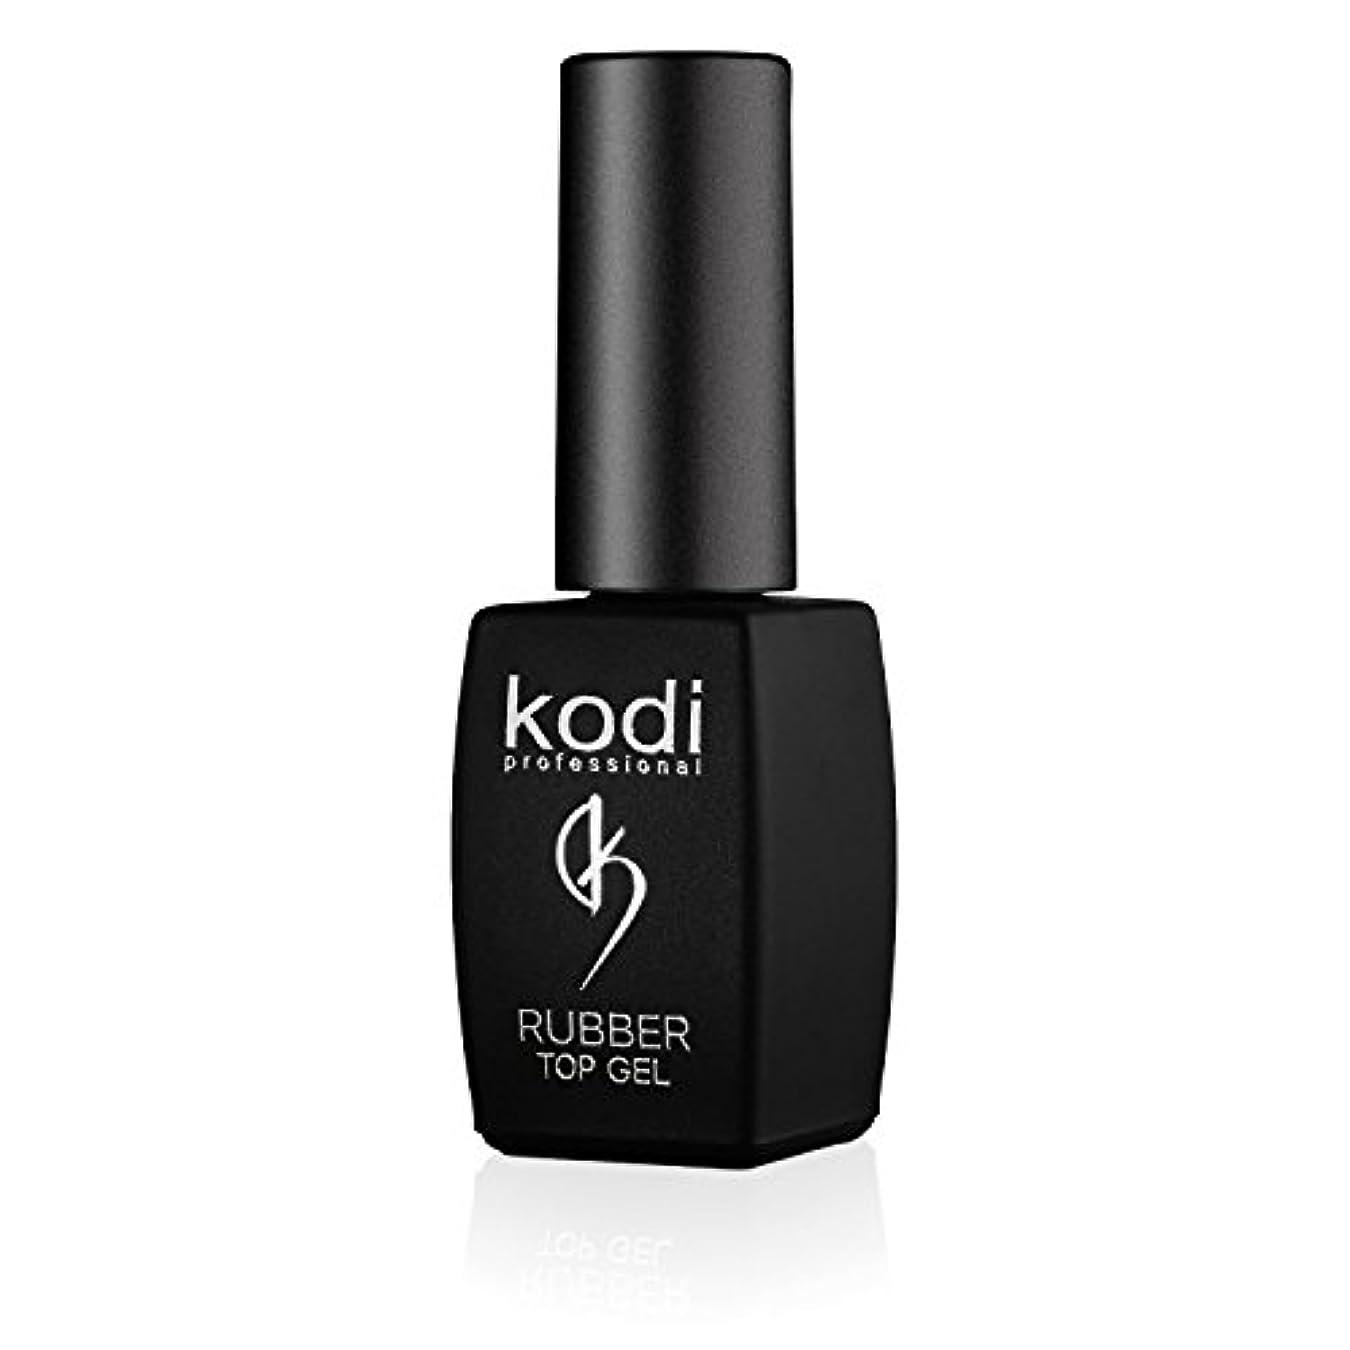 斧安全ナサニエル区Professional Rubber Top Gel By Kodi   8ml 0.27 oz   Soak Off, Polish Fingernails Coat Kit   For Long Lasting Nails...